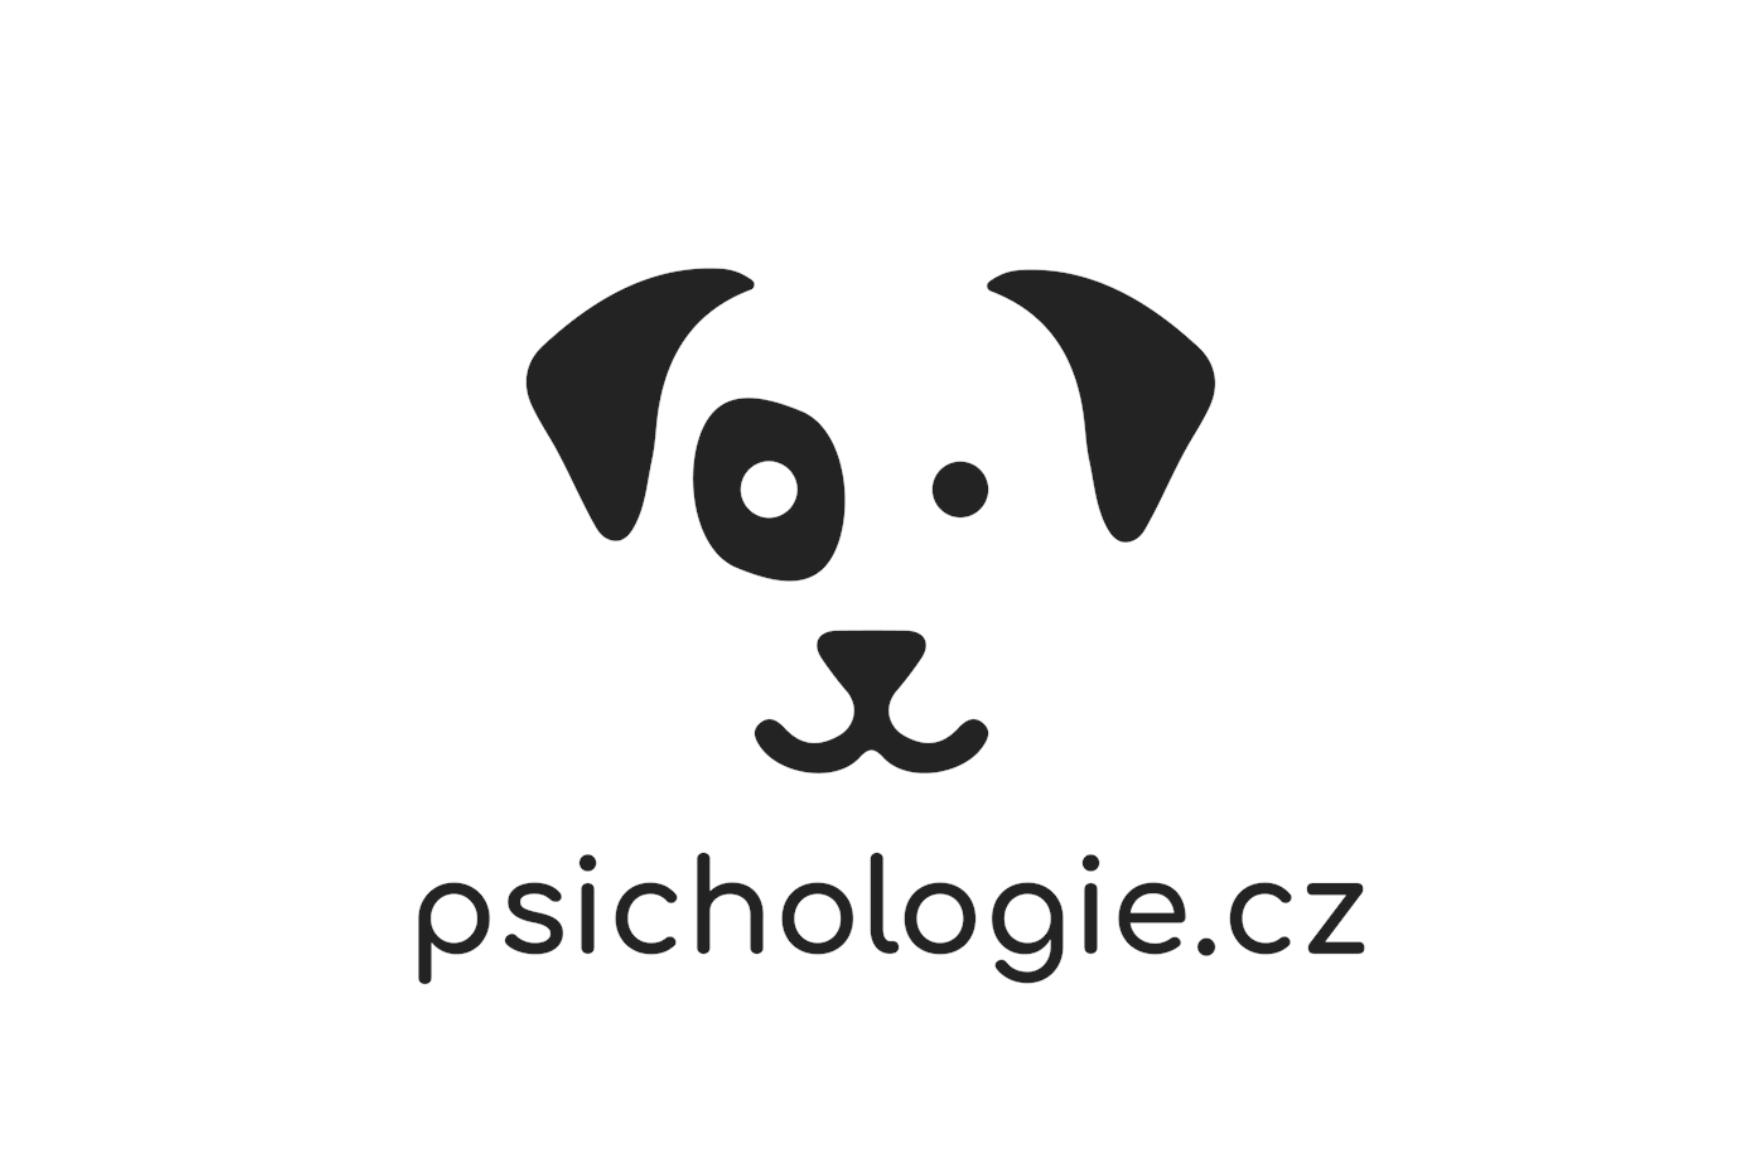 logopsichologie